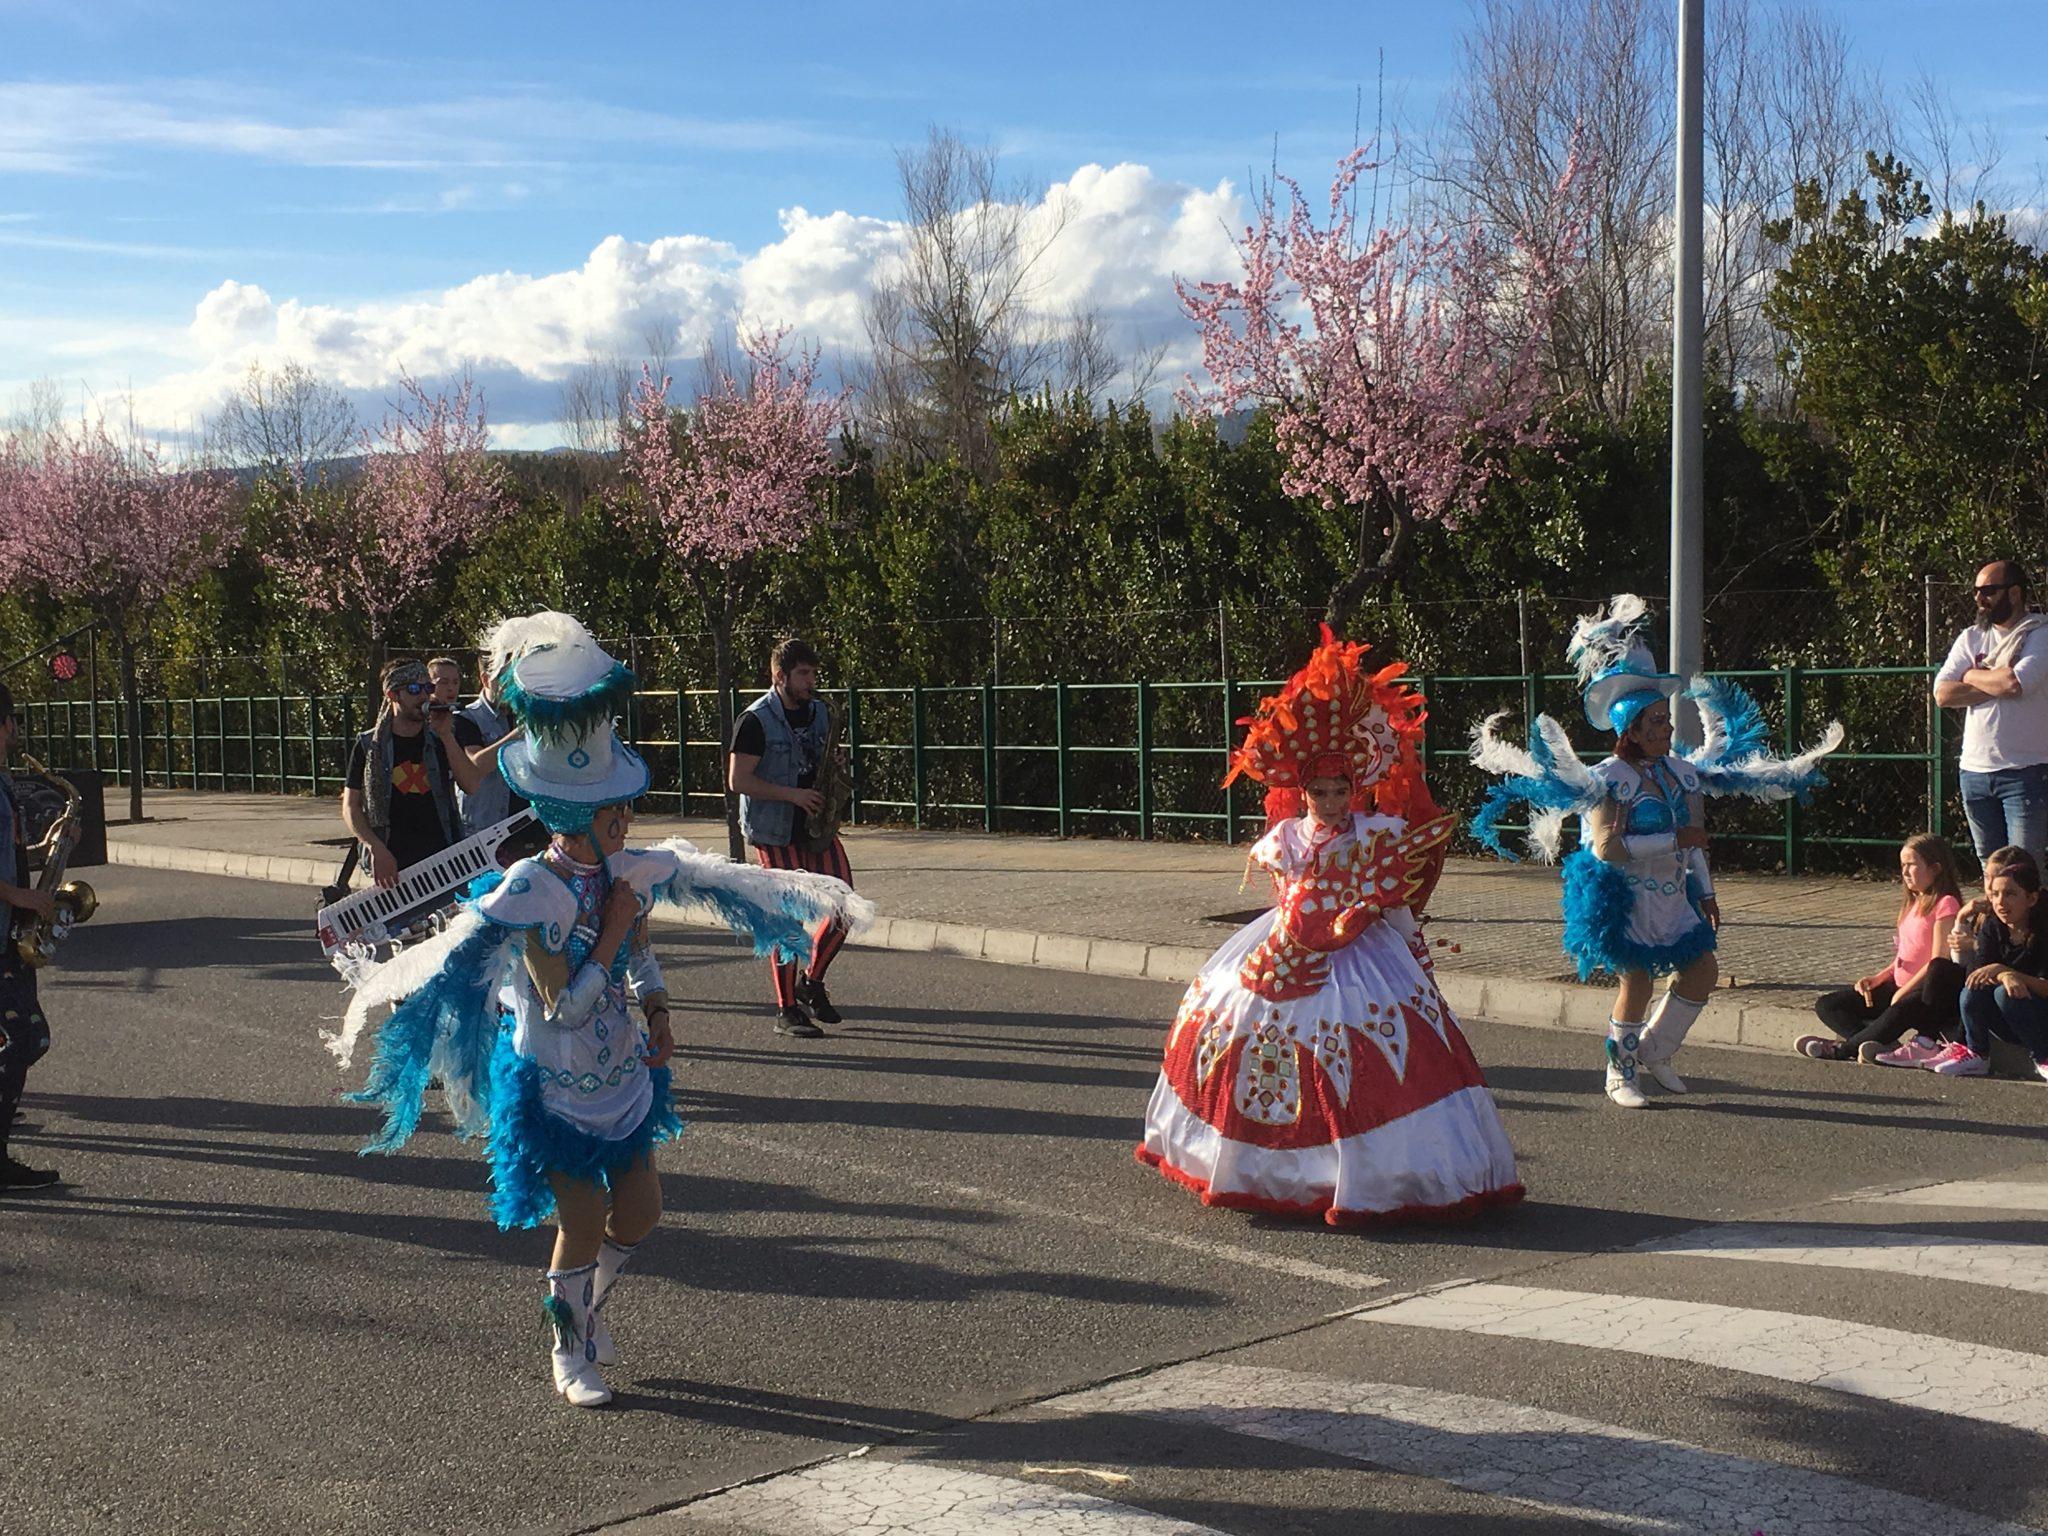 Desfile de Carnaval Cubillos del Sil 2019 - Álbum de fotos 4